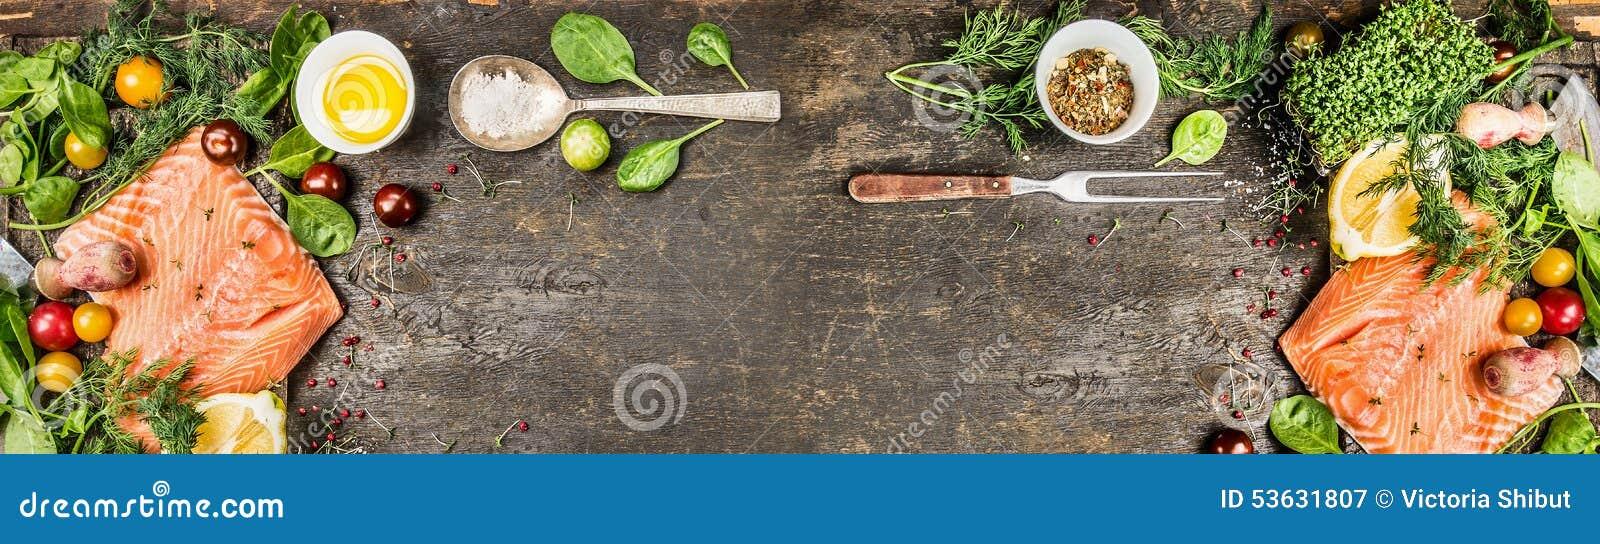 Rohes Lachsfilet mit dem Kochen von Bestandteilen: ölen Sie, frisches Gewürz, Löffel und Gabel auf rustikalem hölzernem Hintergru